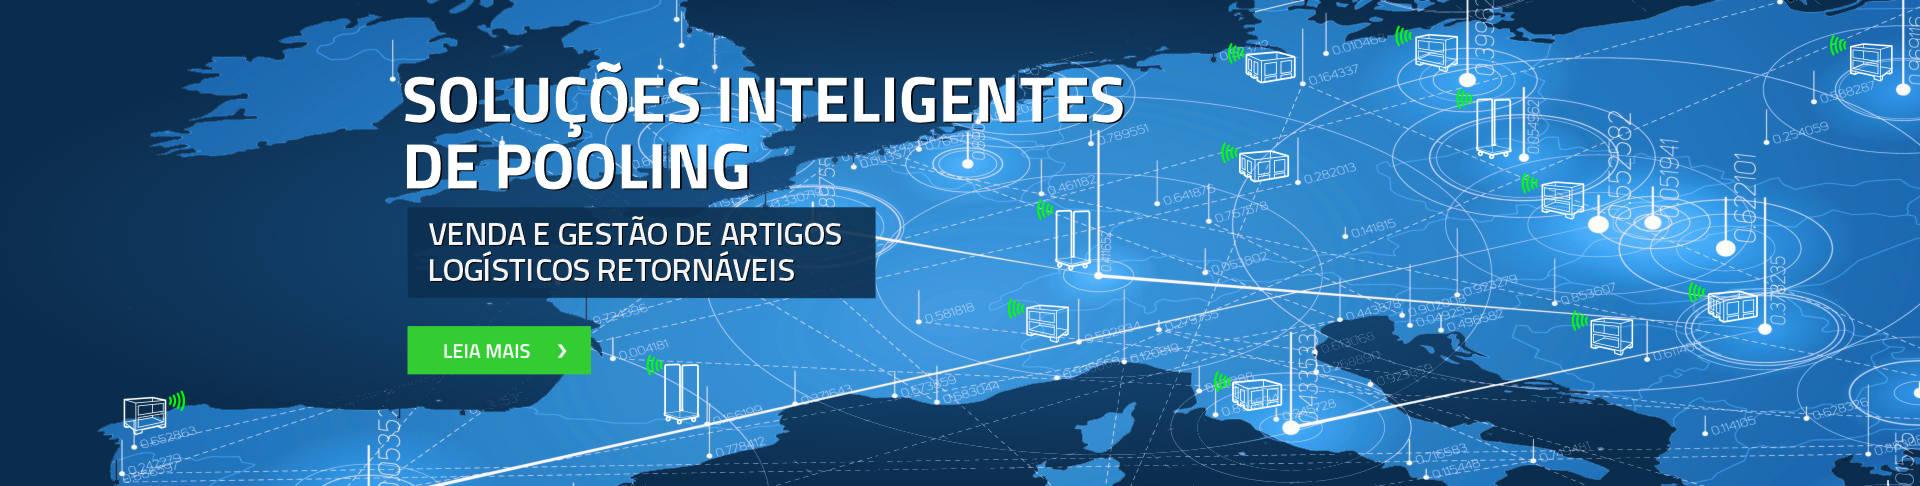 Soluções inteligentes de pooling venda e gestão de artigos logísticos retornáveis